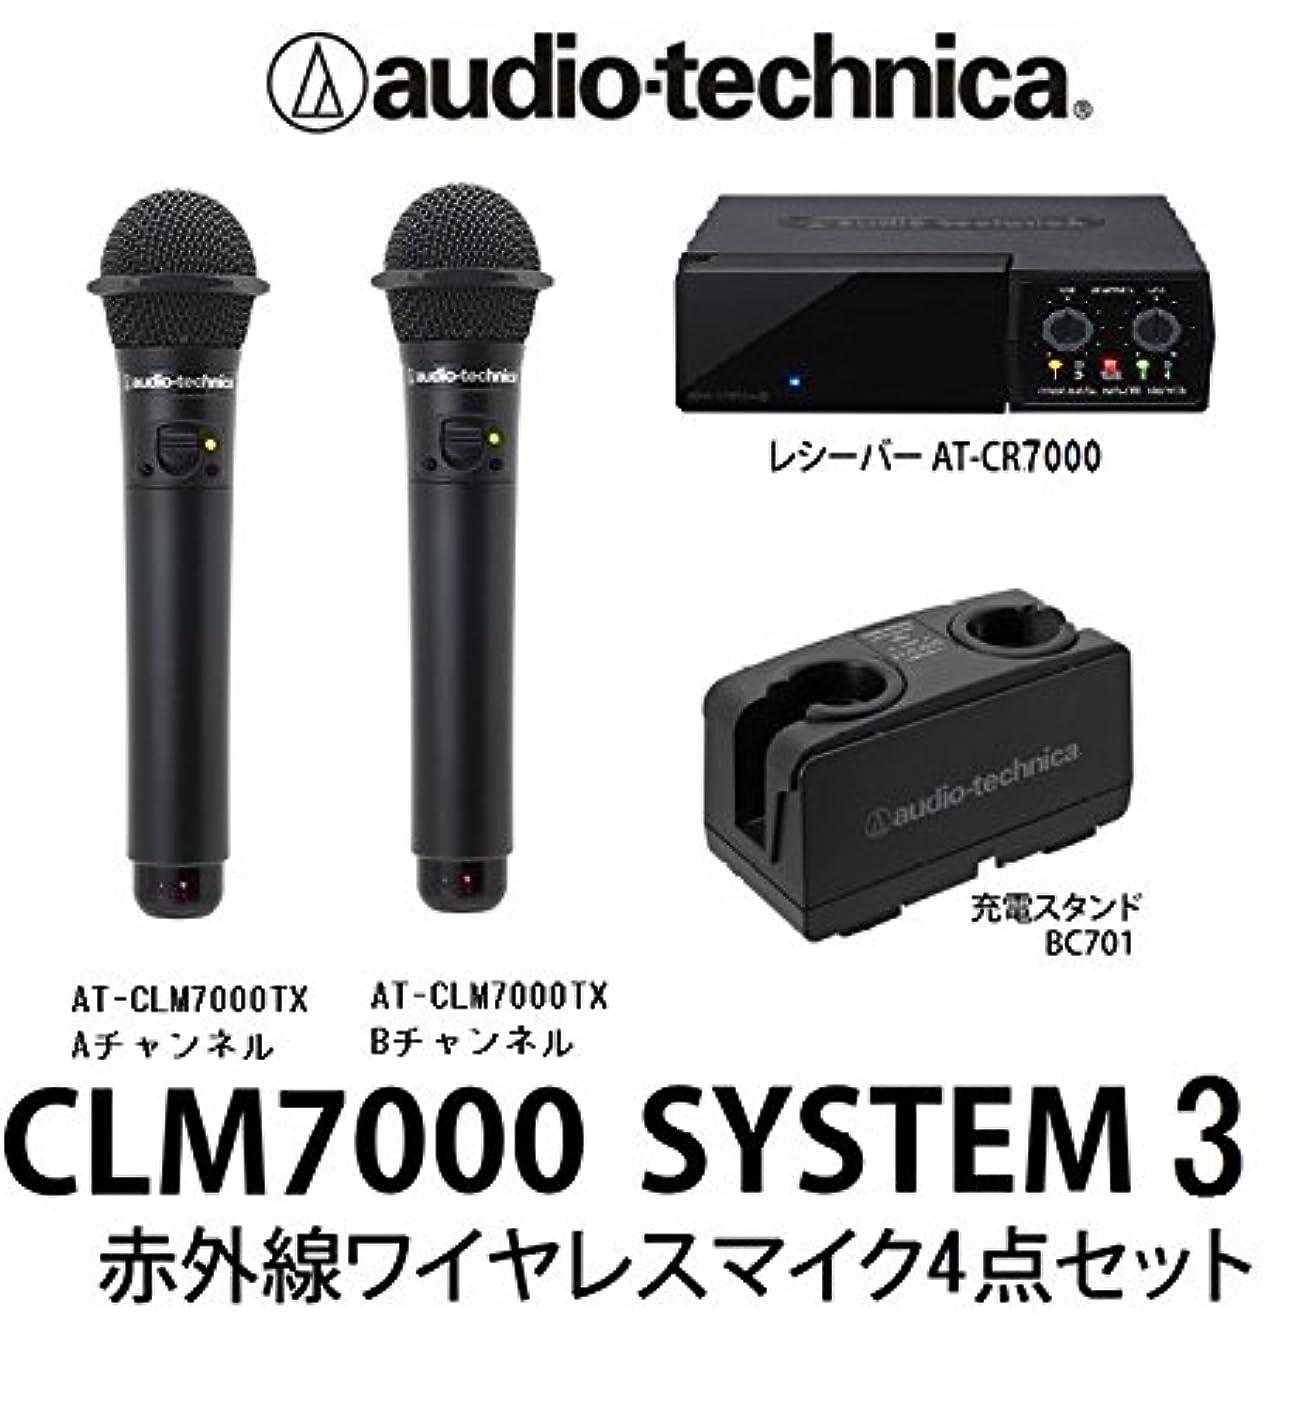 発送評議会確認オーディオテクニカ 赤外線コードレスマイクロホン AT-CLM7000TX ブラック4点セット